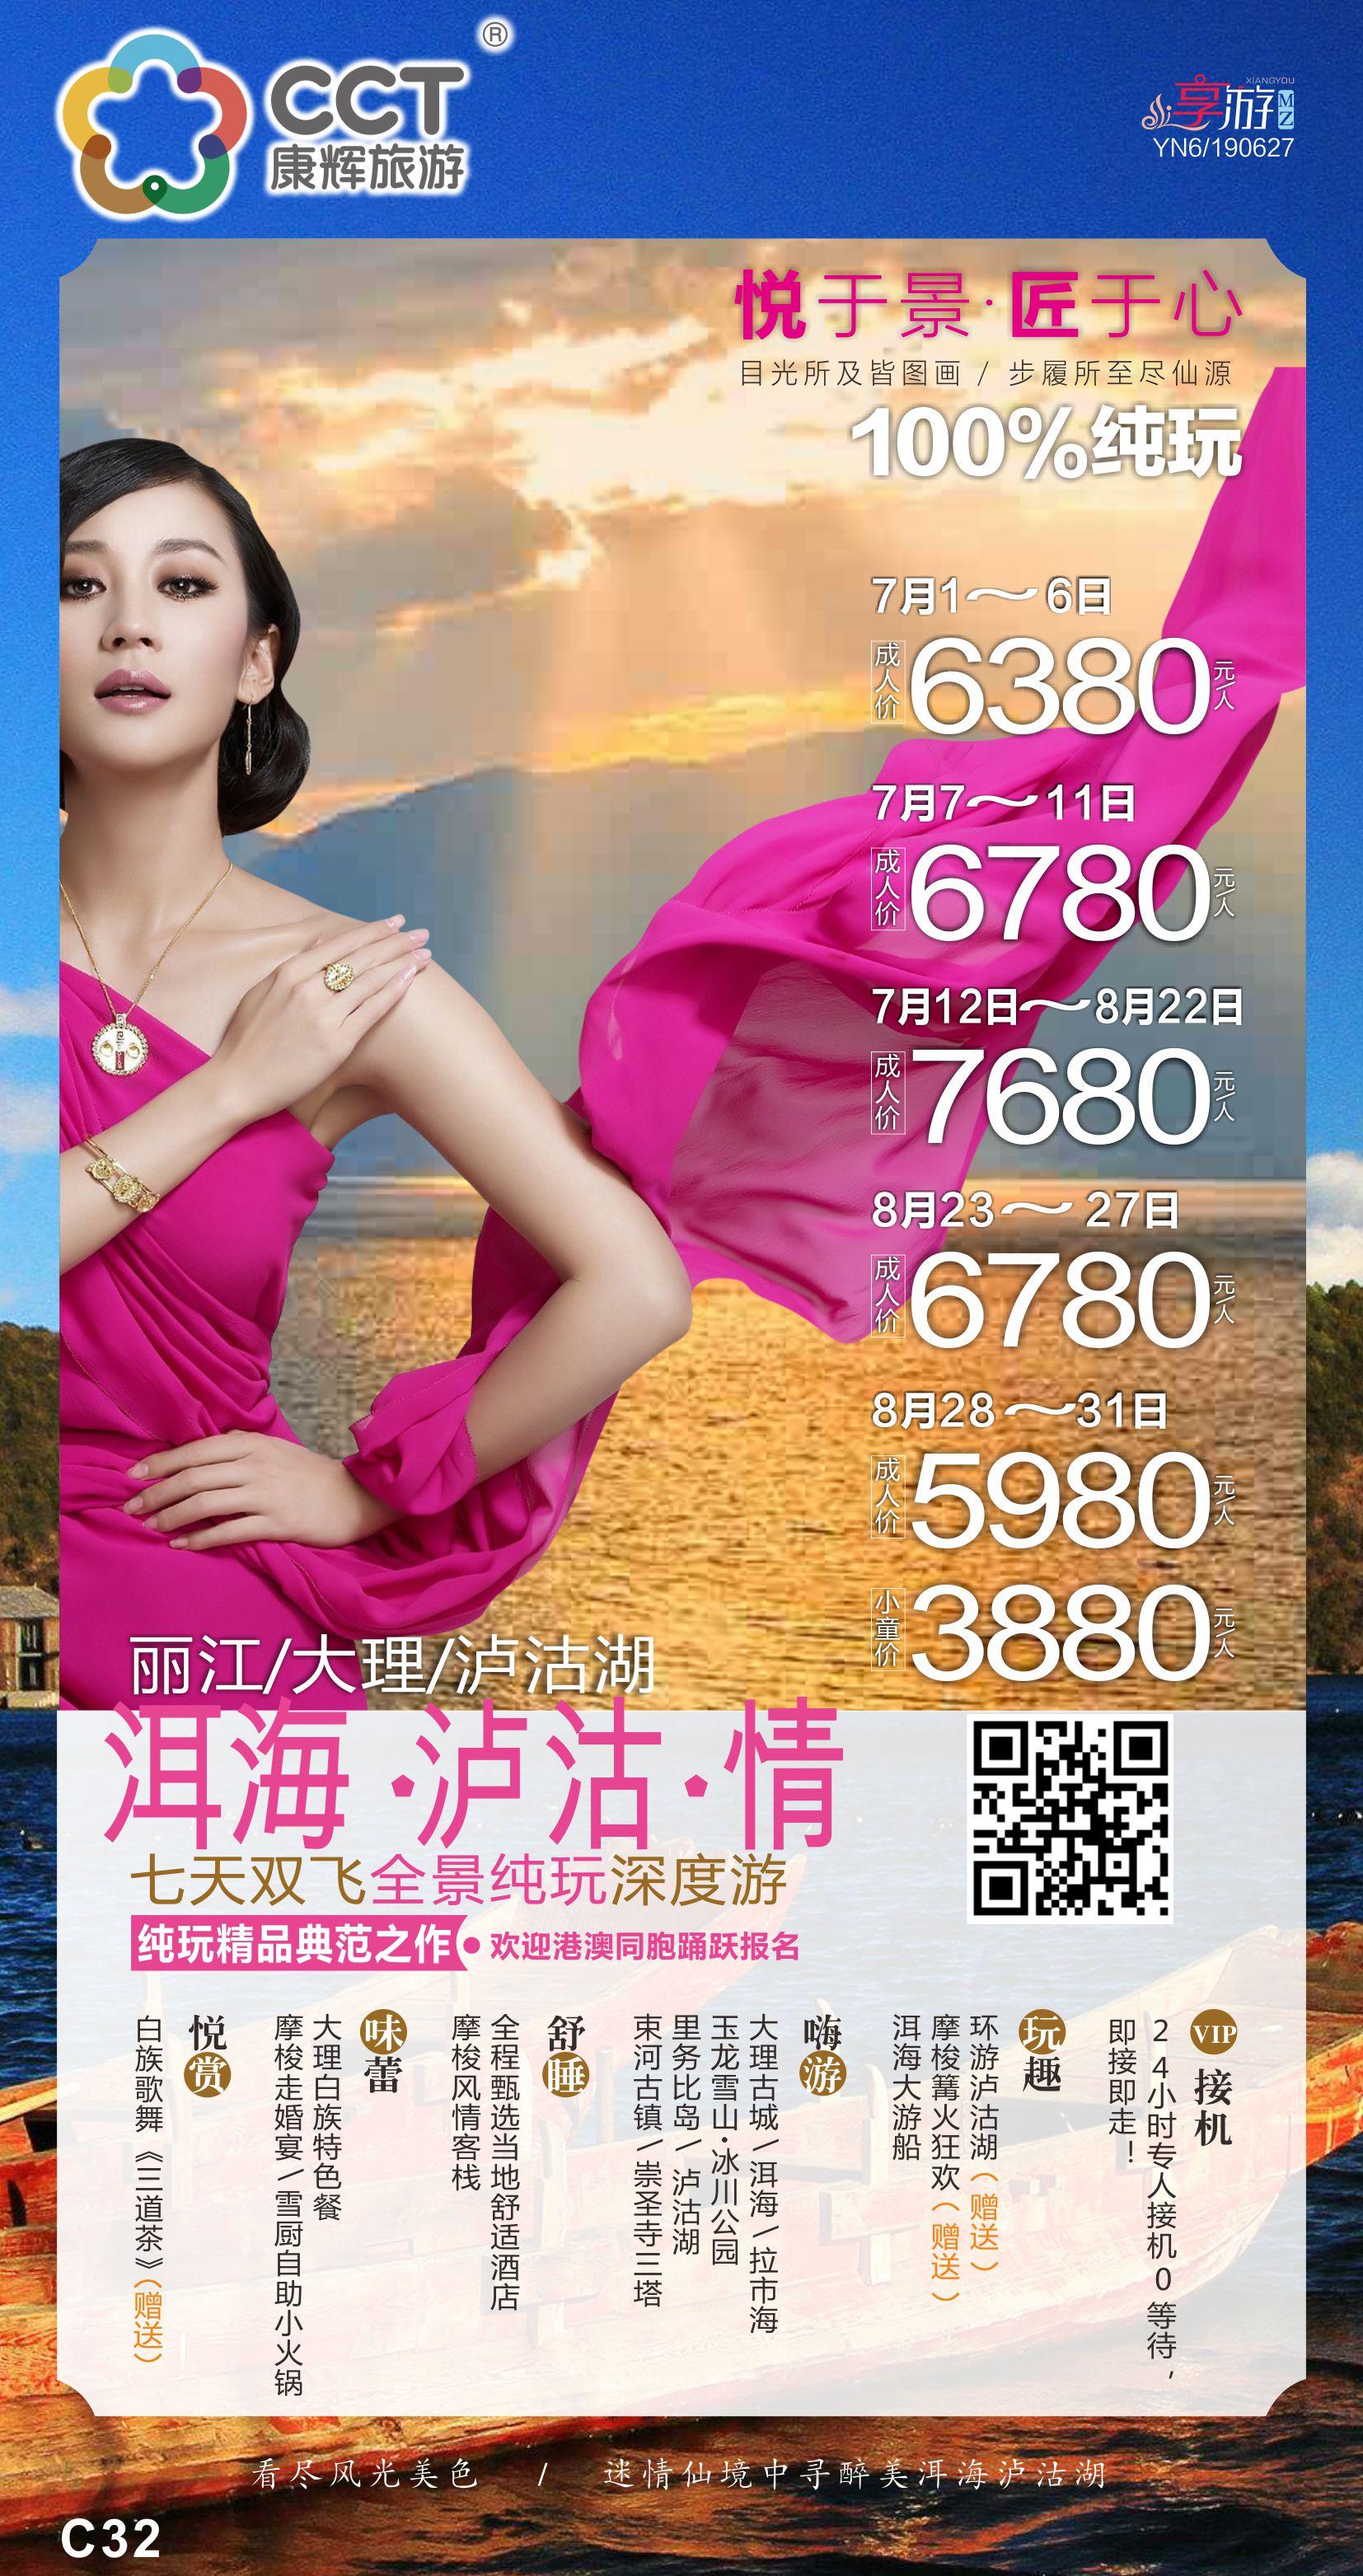 【洱海·泸沽·情】丽江大理泸沽湖七天双飞全景纯玩深度游0701